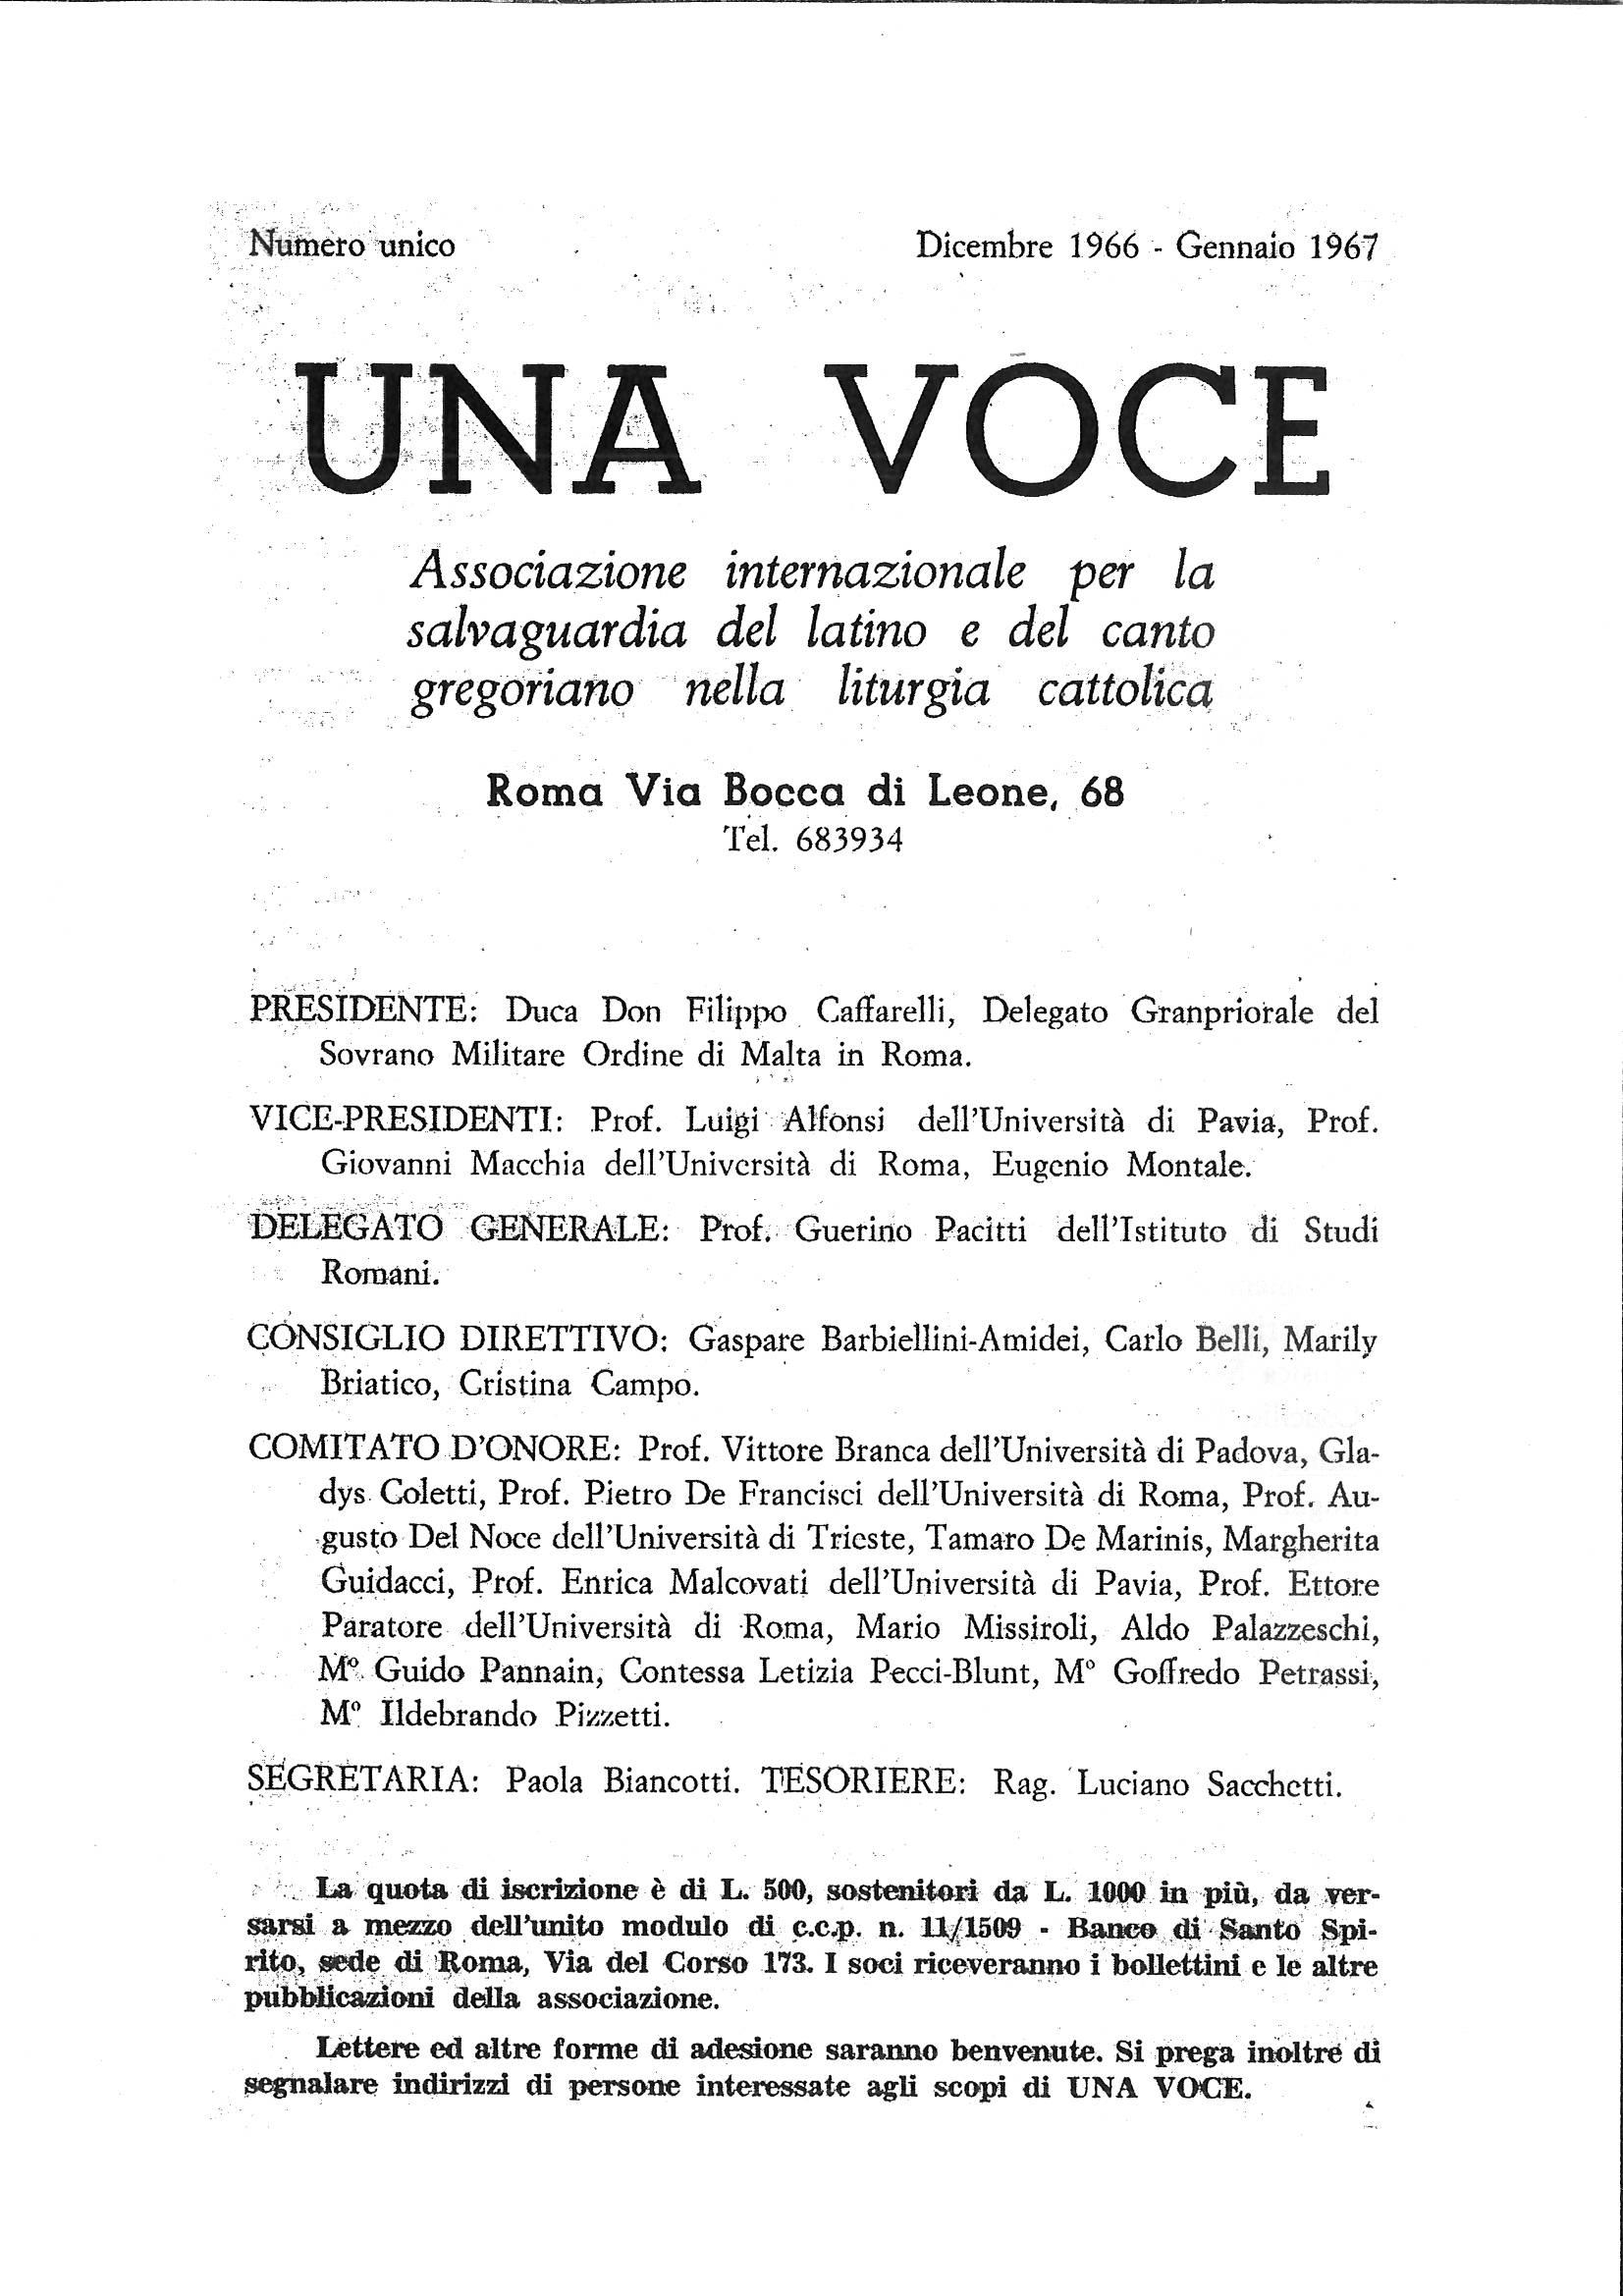 Una Voce numero unico 1966-1967, p. 1